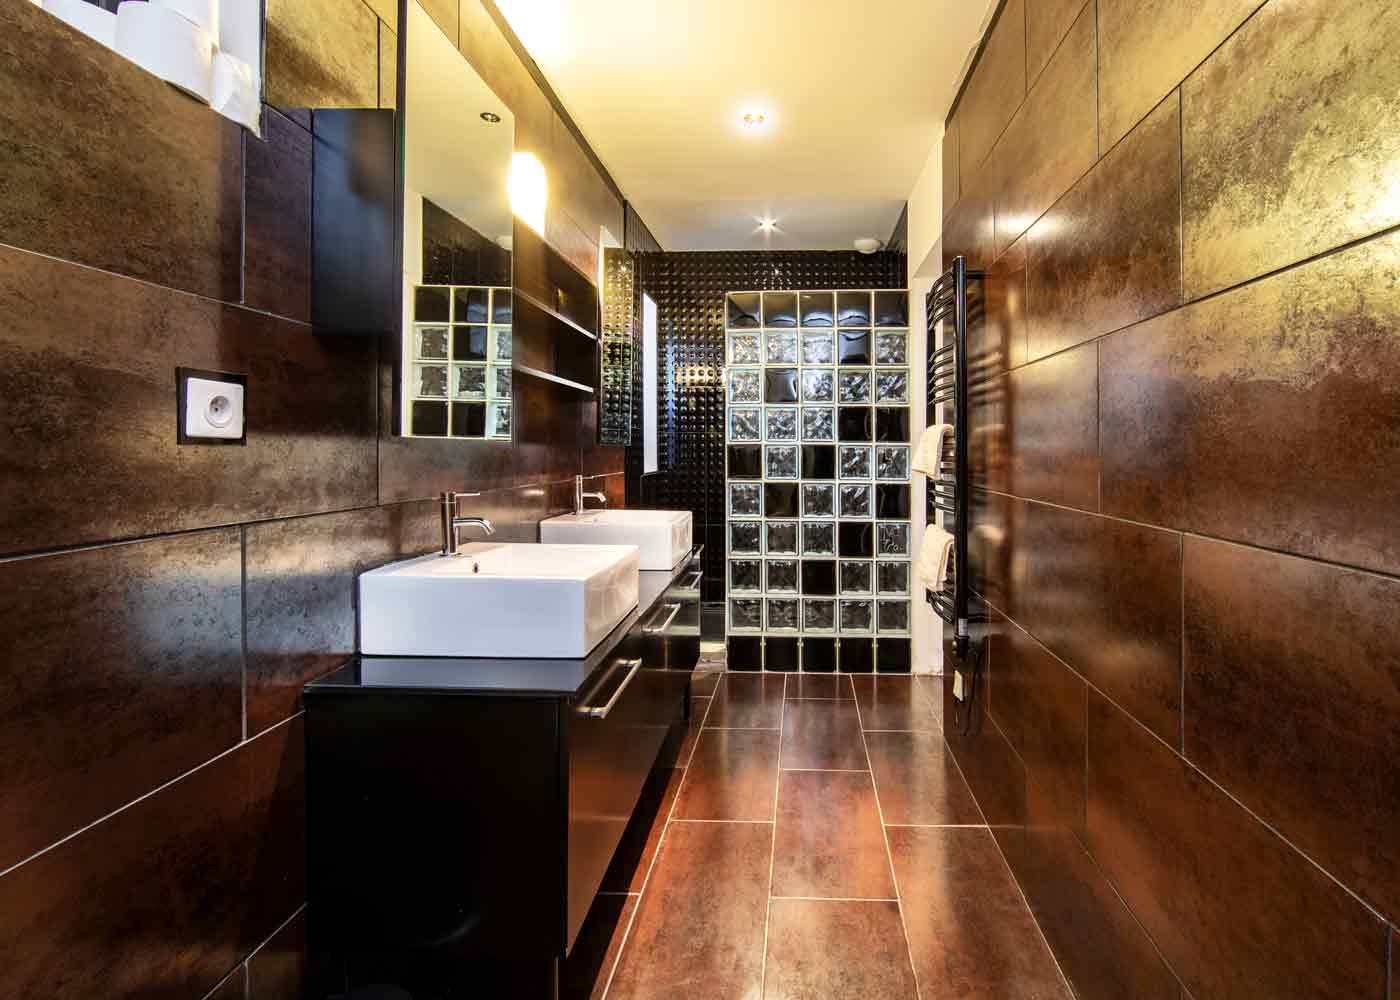 salle-de-bain-a-refaire-maison-metayer